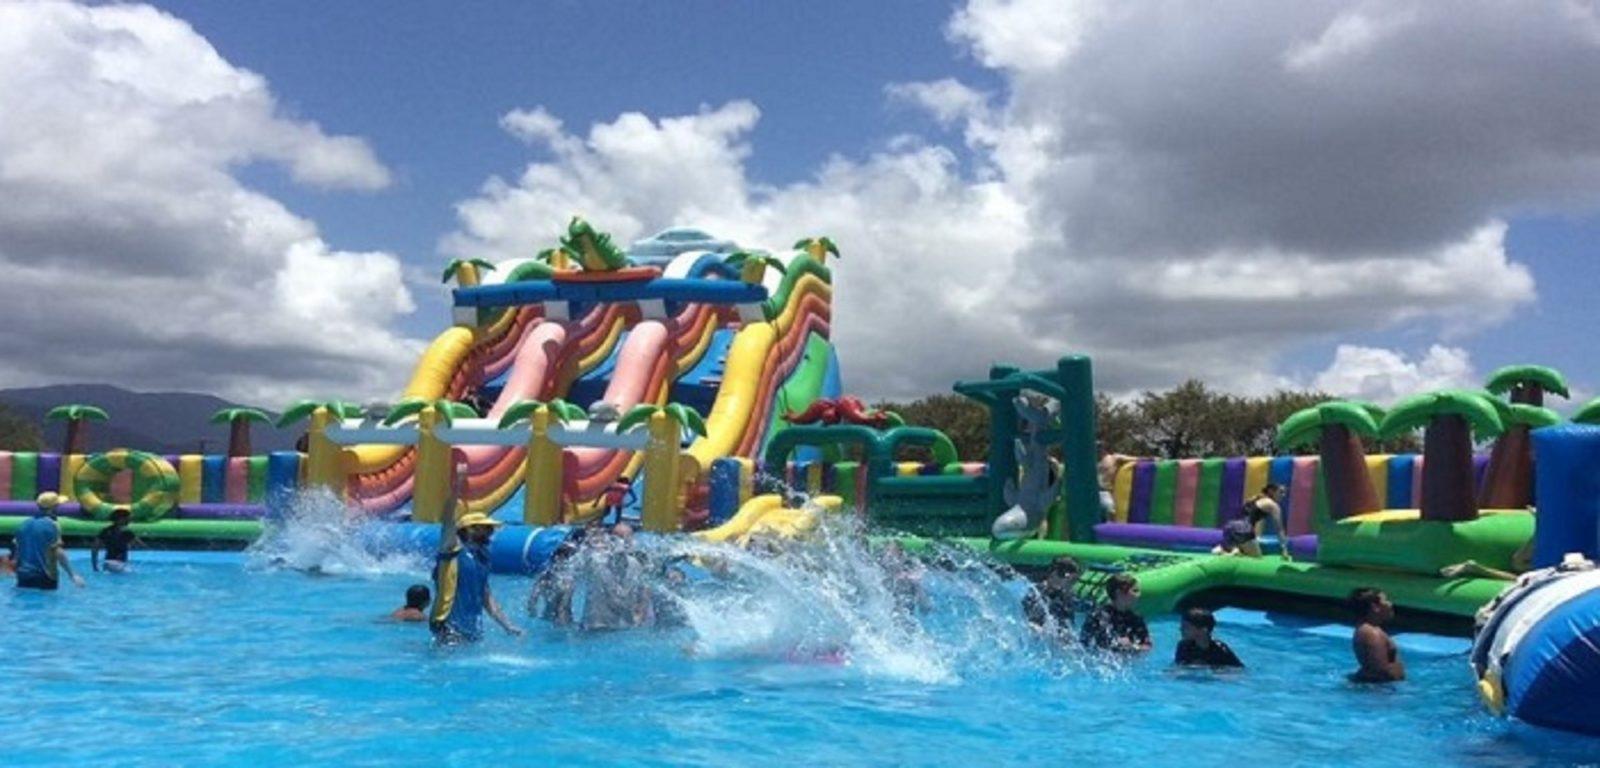 Kids splashing and having fun on inflatable slides at Water Wonderland